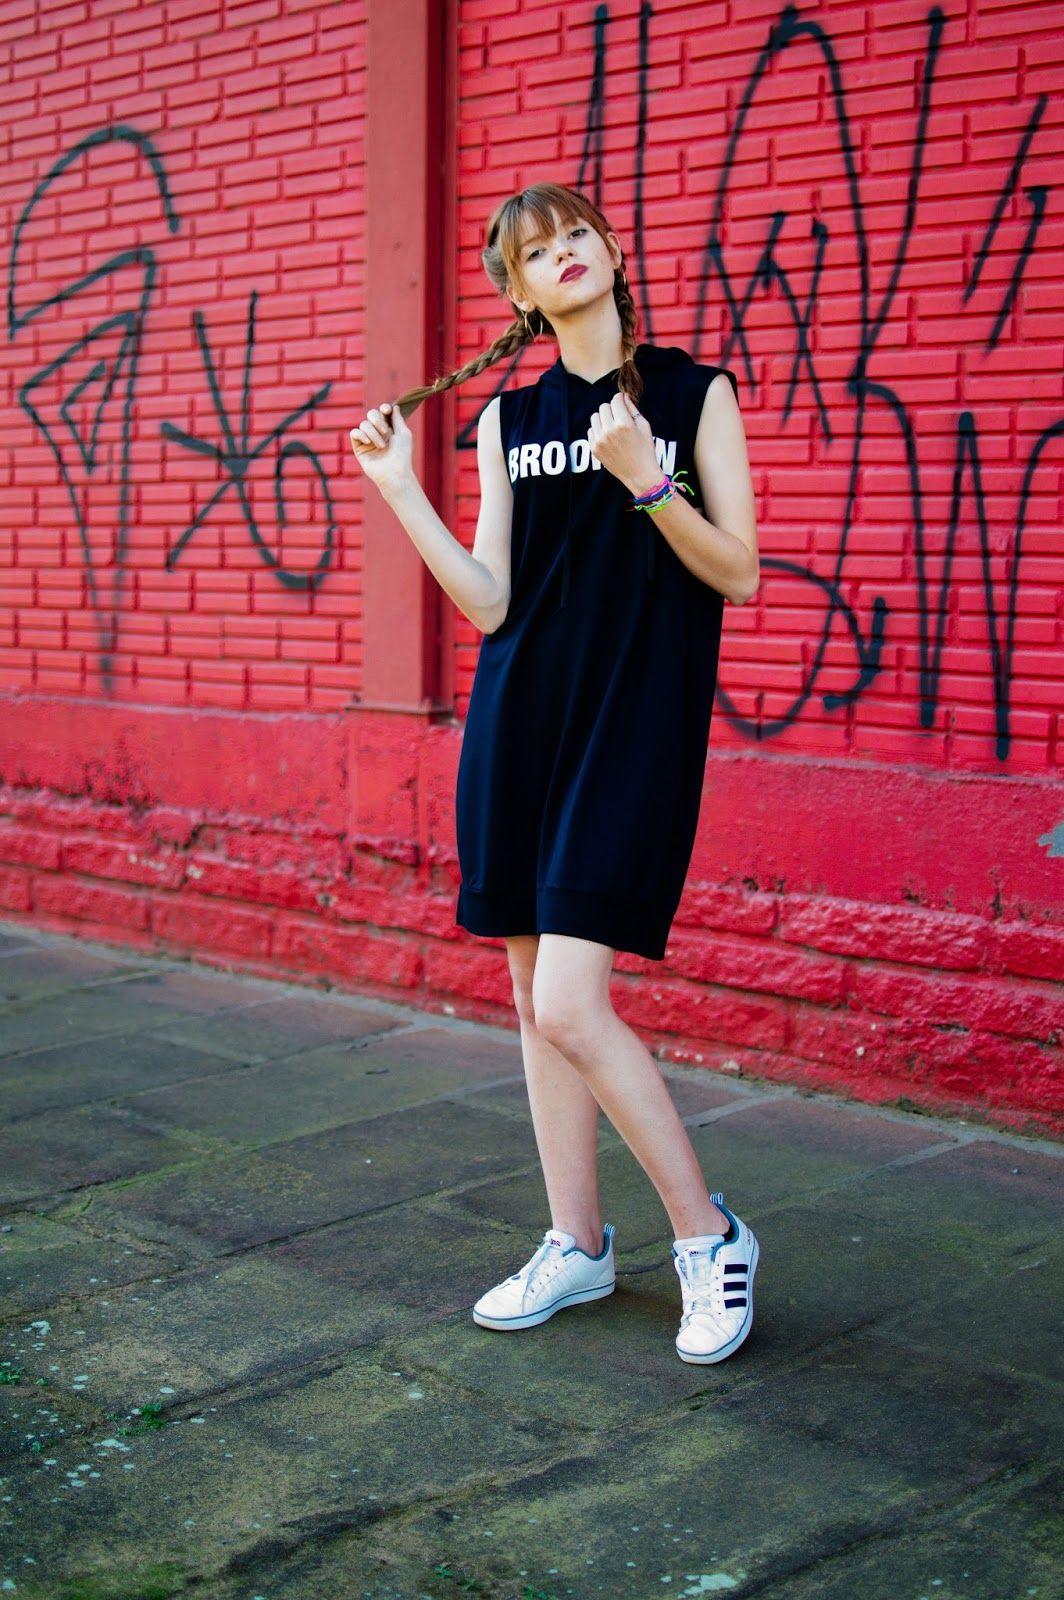 Street Syle Twins moda fashion, tendencia, filha fashion, look lookbook,editorial, fun,tranças boxer, Boxer Braids,adidas